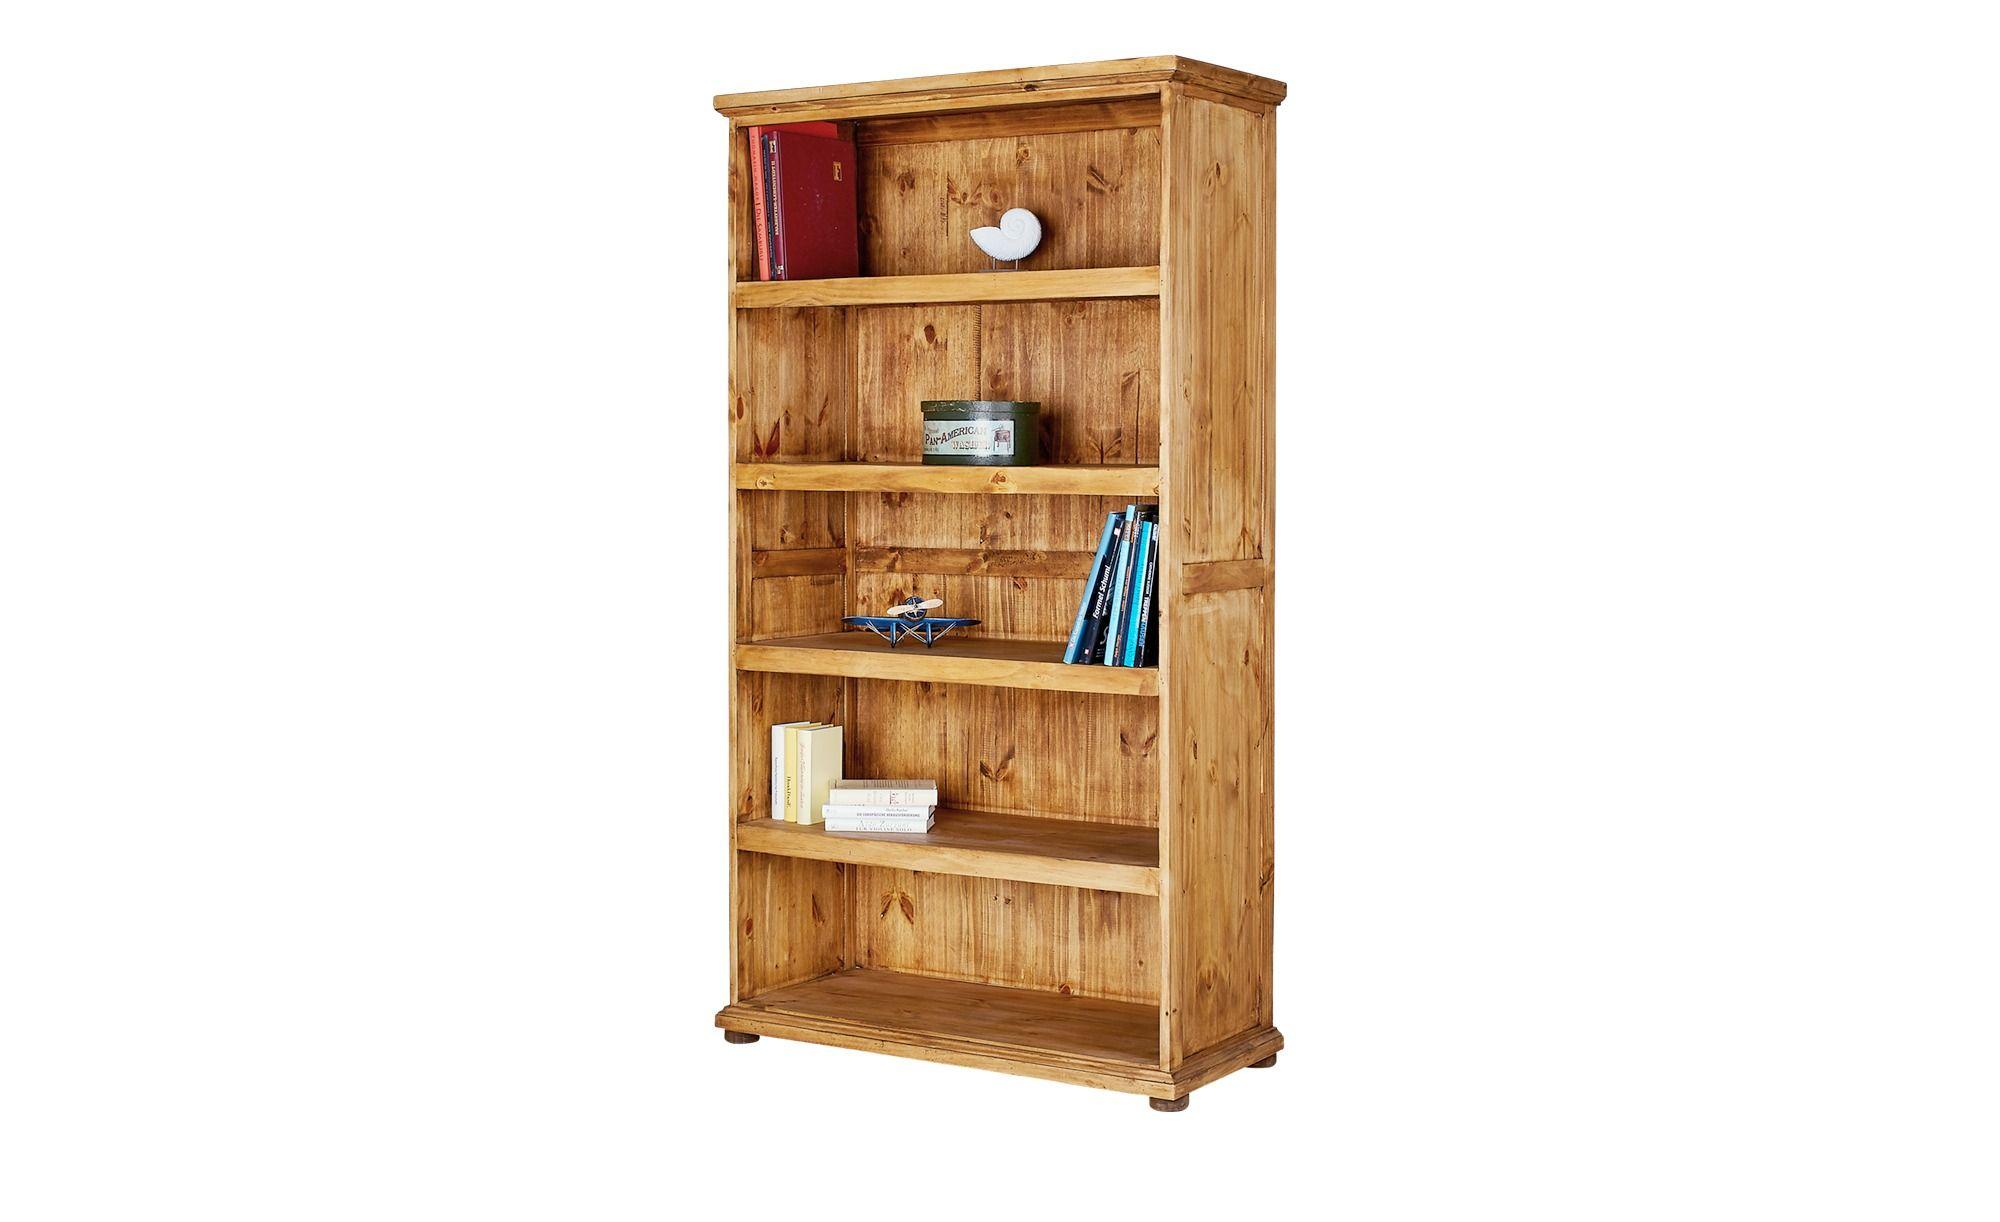 Bucherregal Mexicana Mobel Hoffner Home Decor Home Shelves